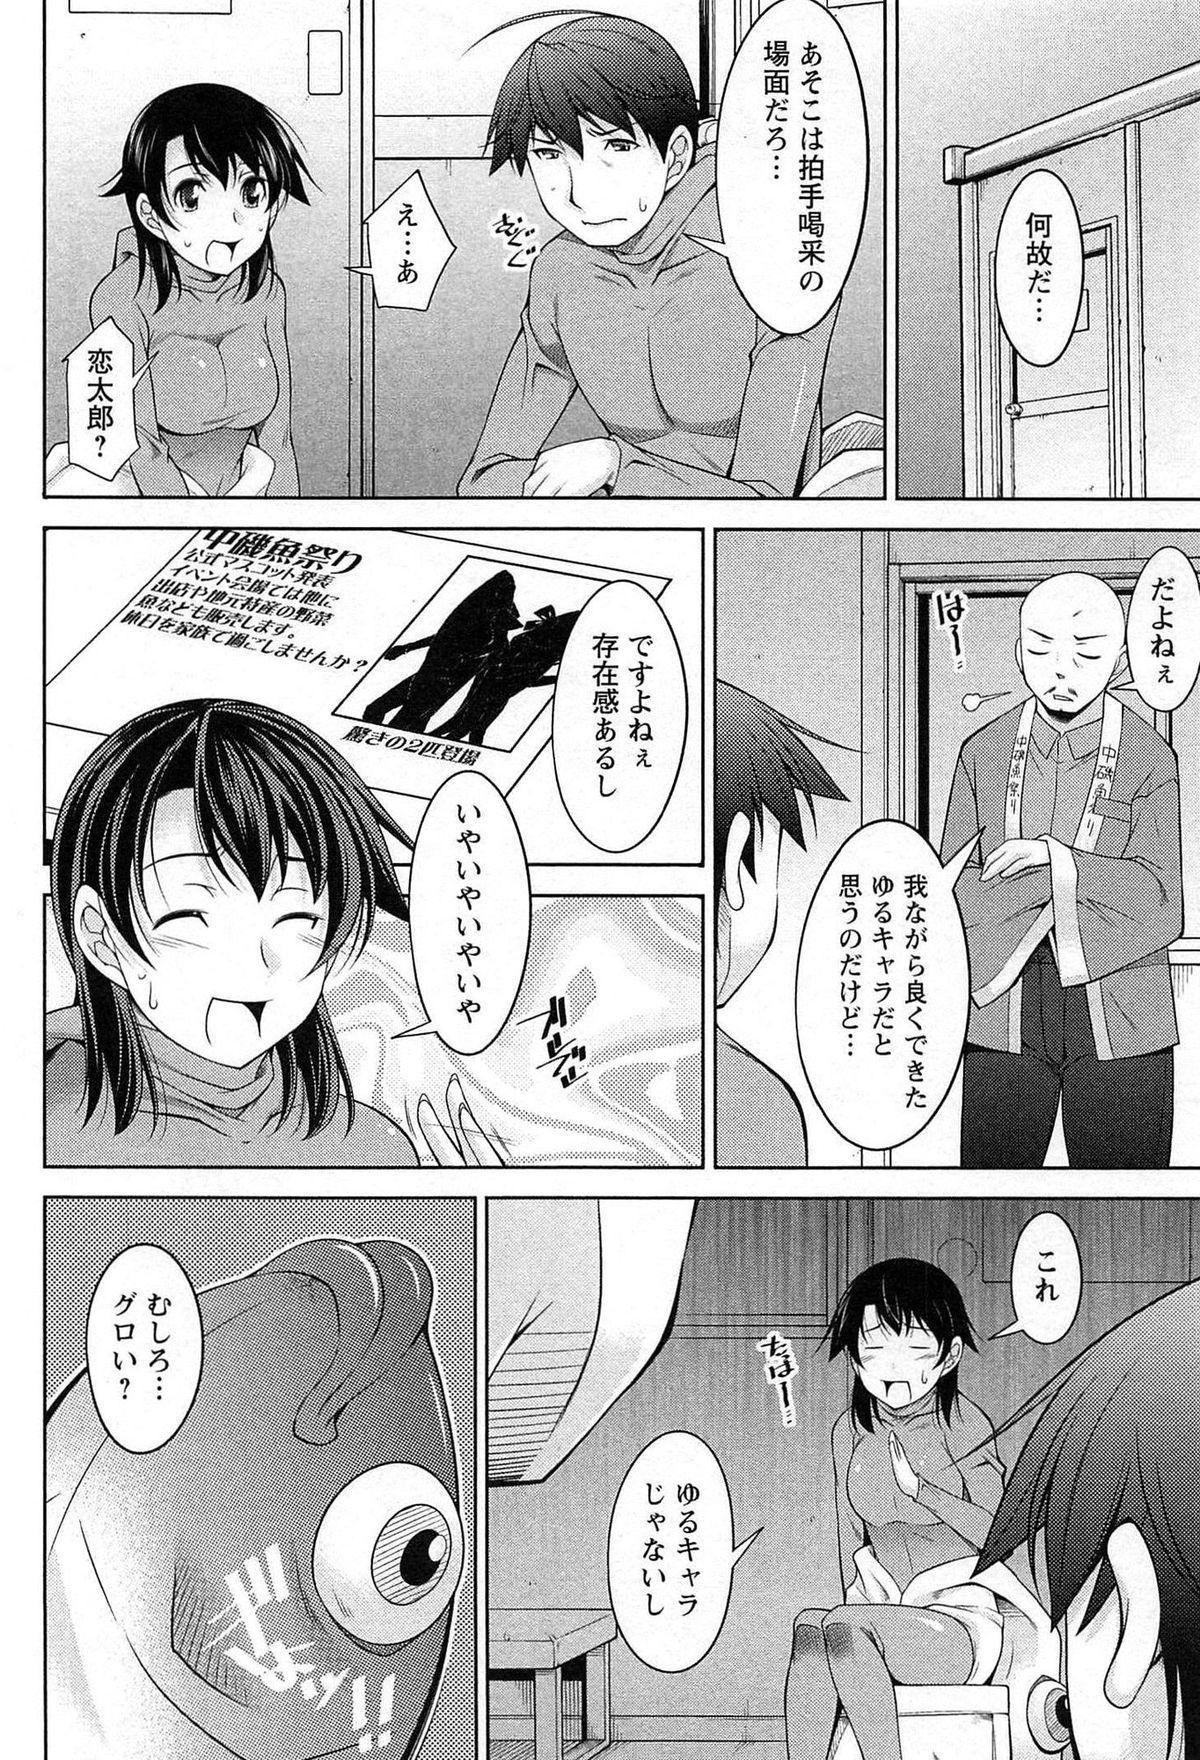 [zen9] Tsuki-wo Ai-Shite - Tsuki-ni Koi-shite 2 26